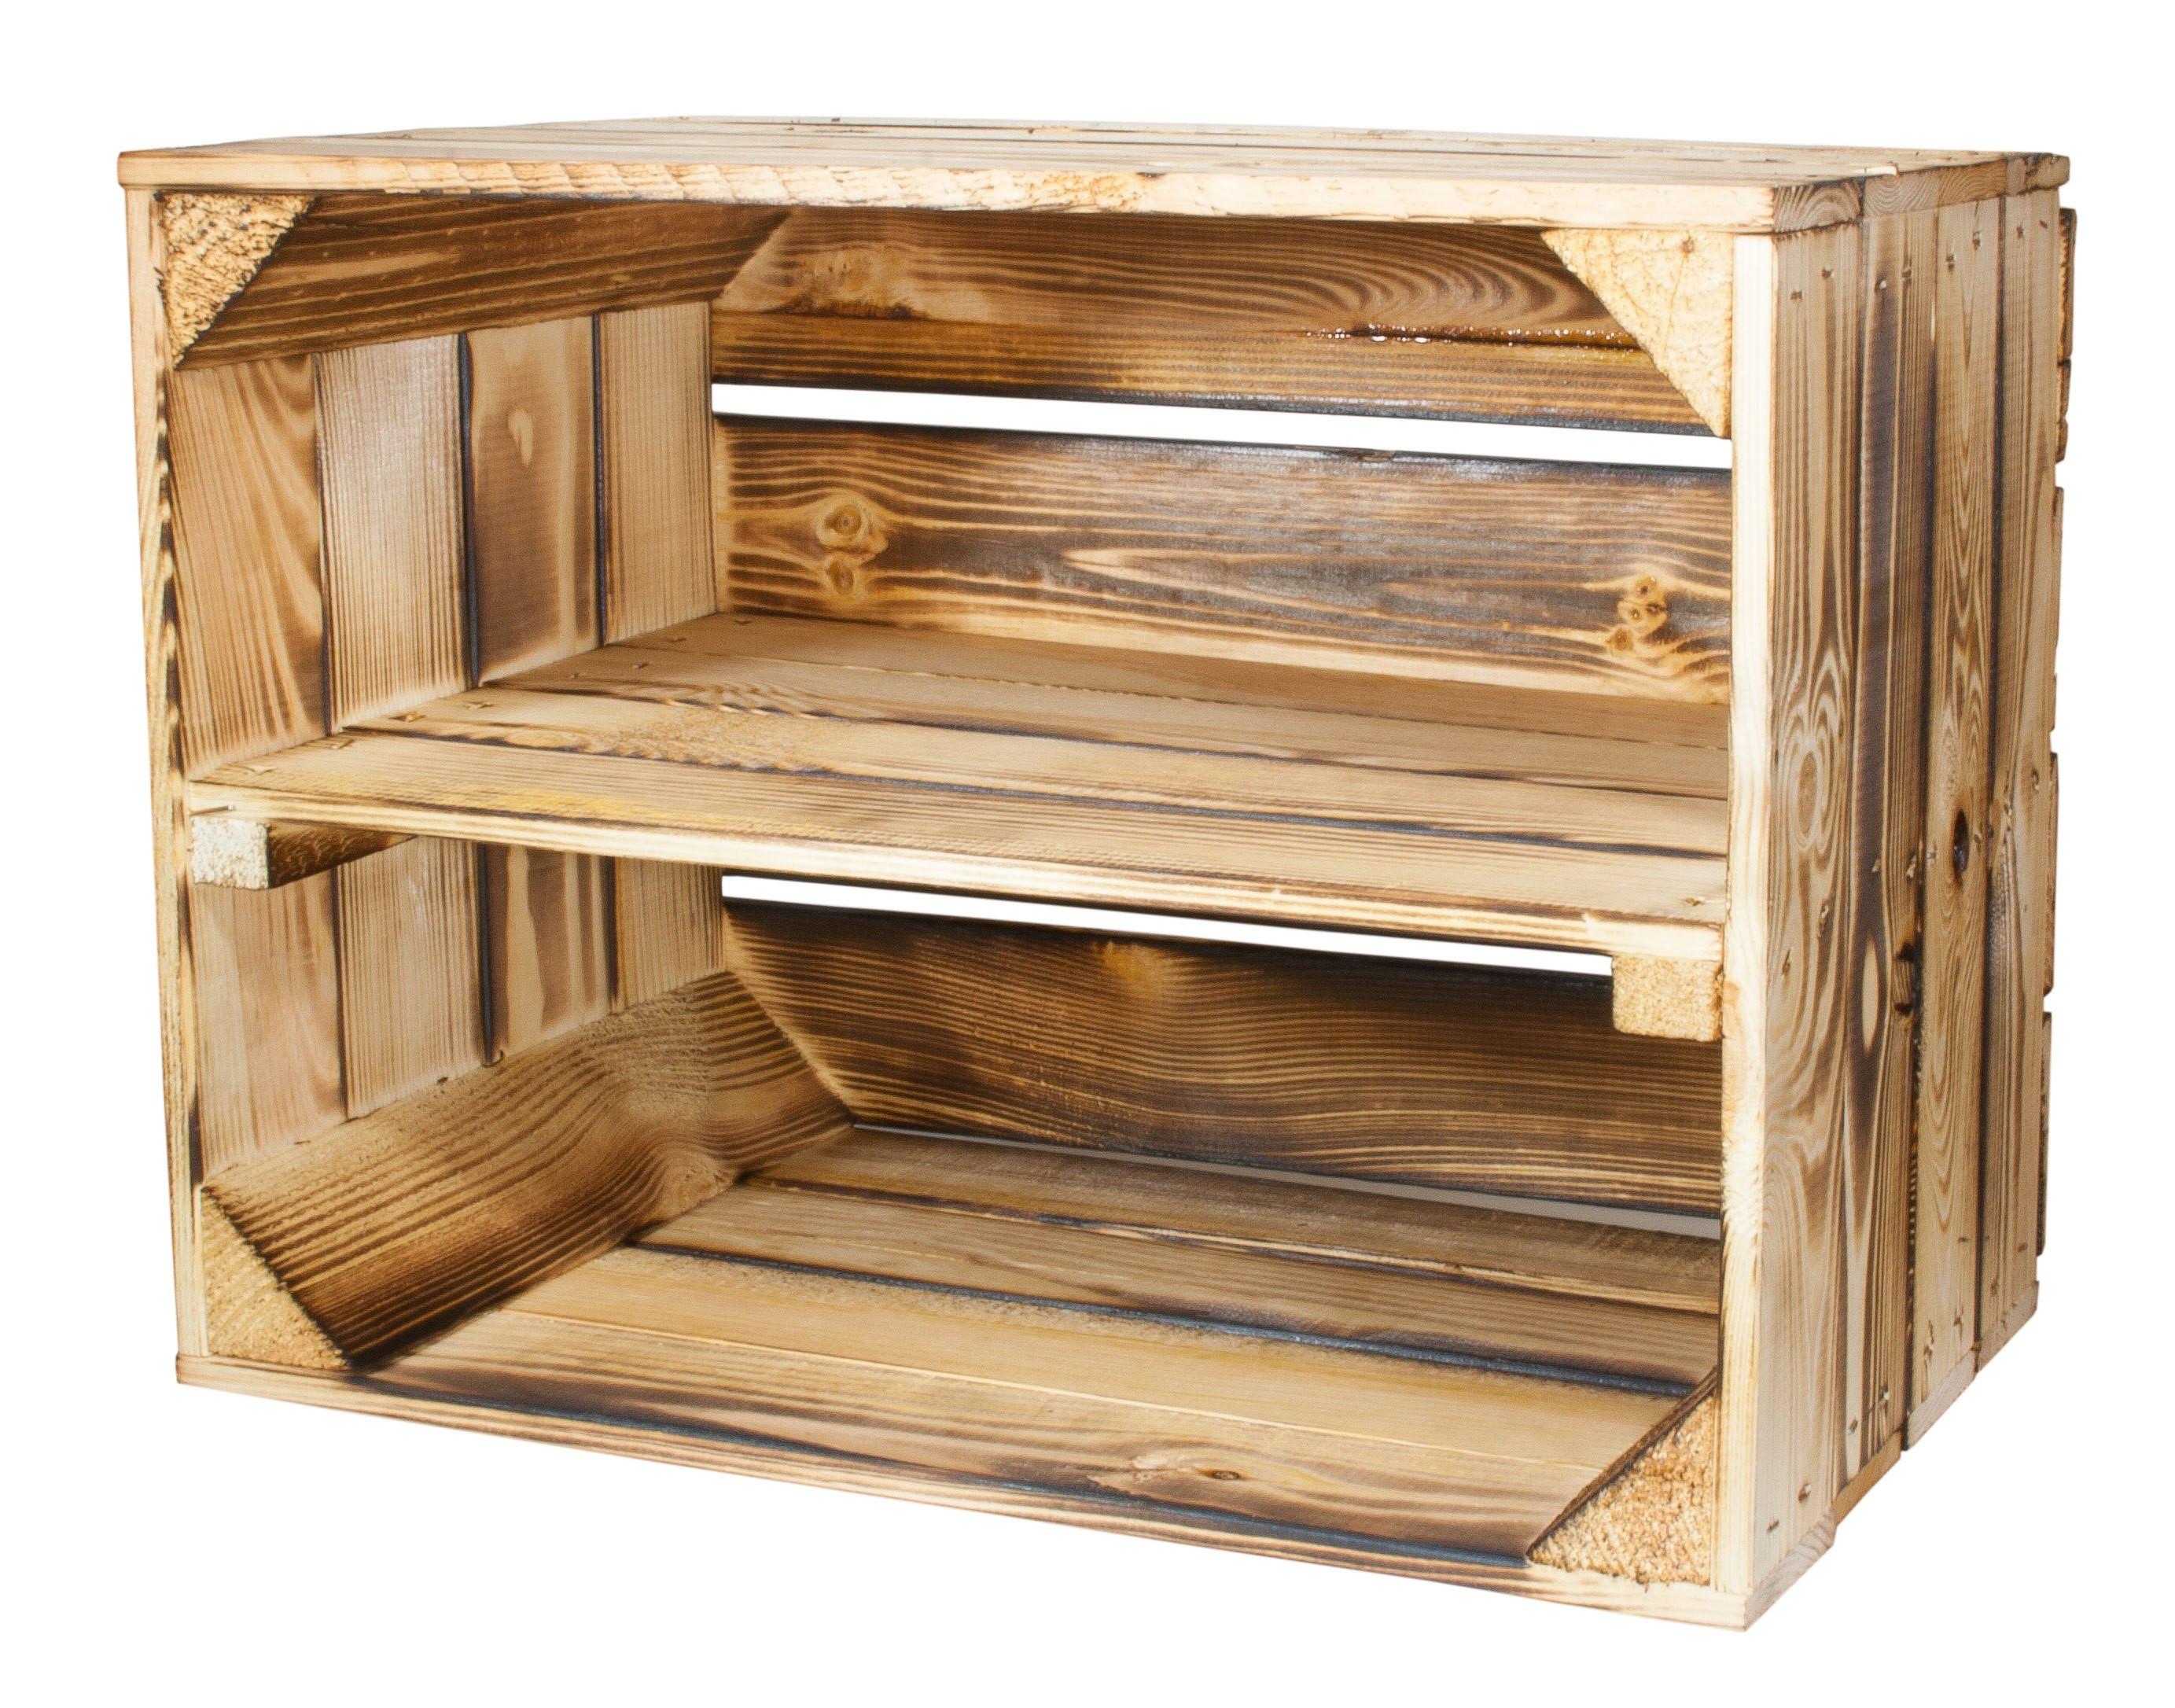 Ikea Küchenregal  Ikea Küchenregal Holz